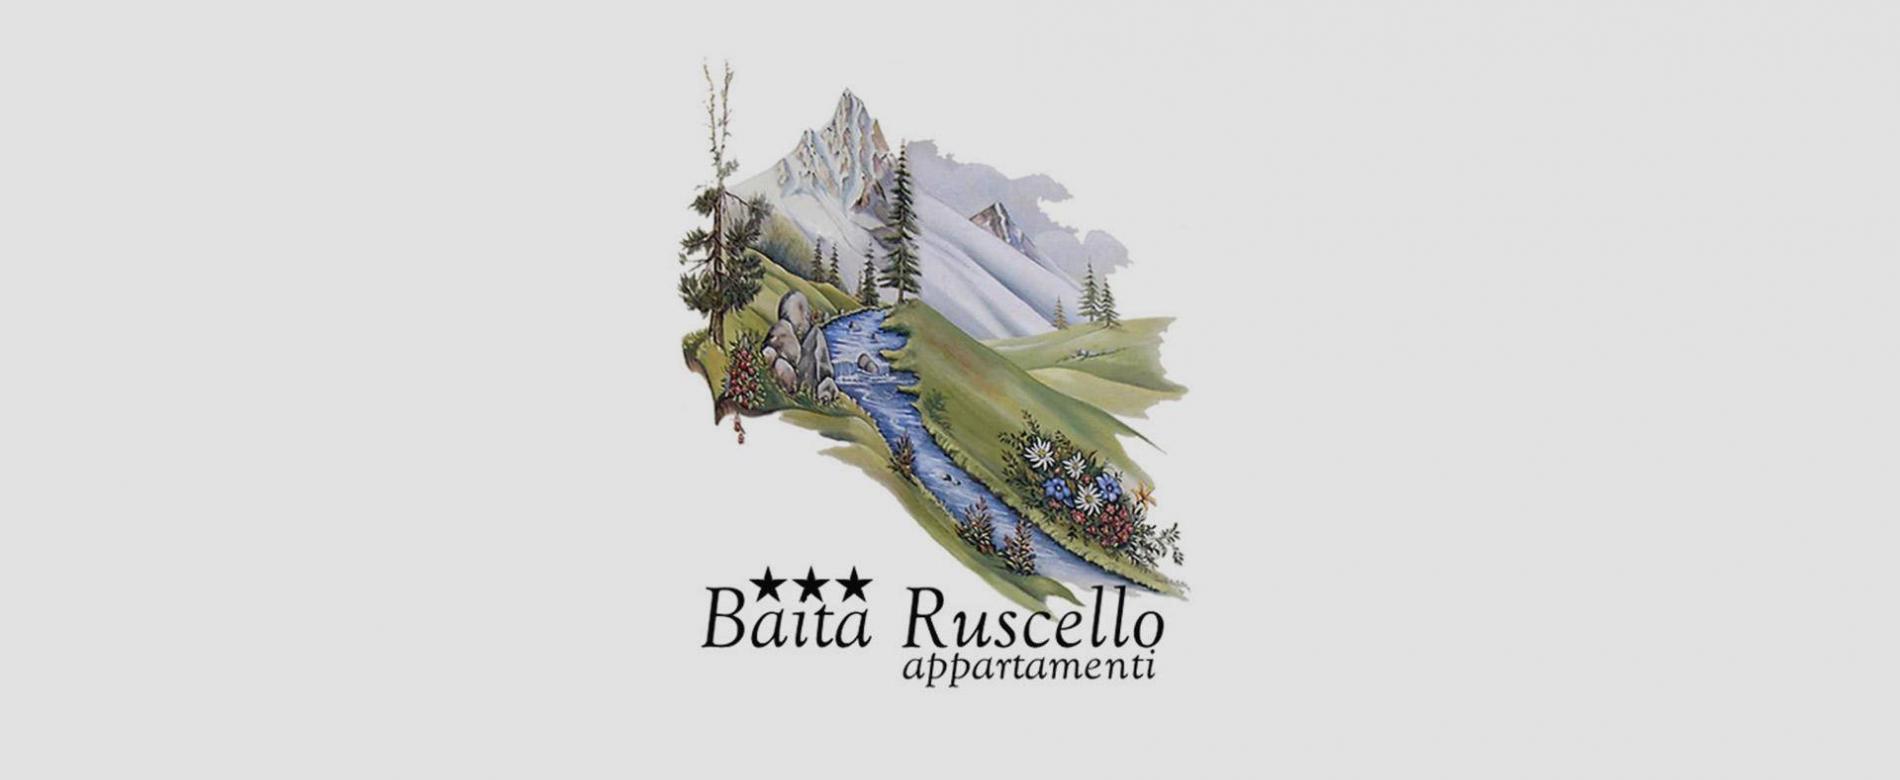 Baita Ruscello appartamenti a Livigno